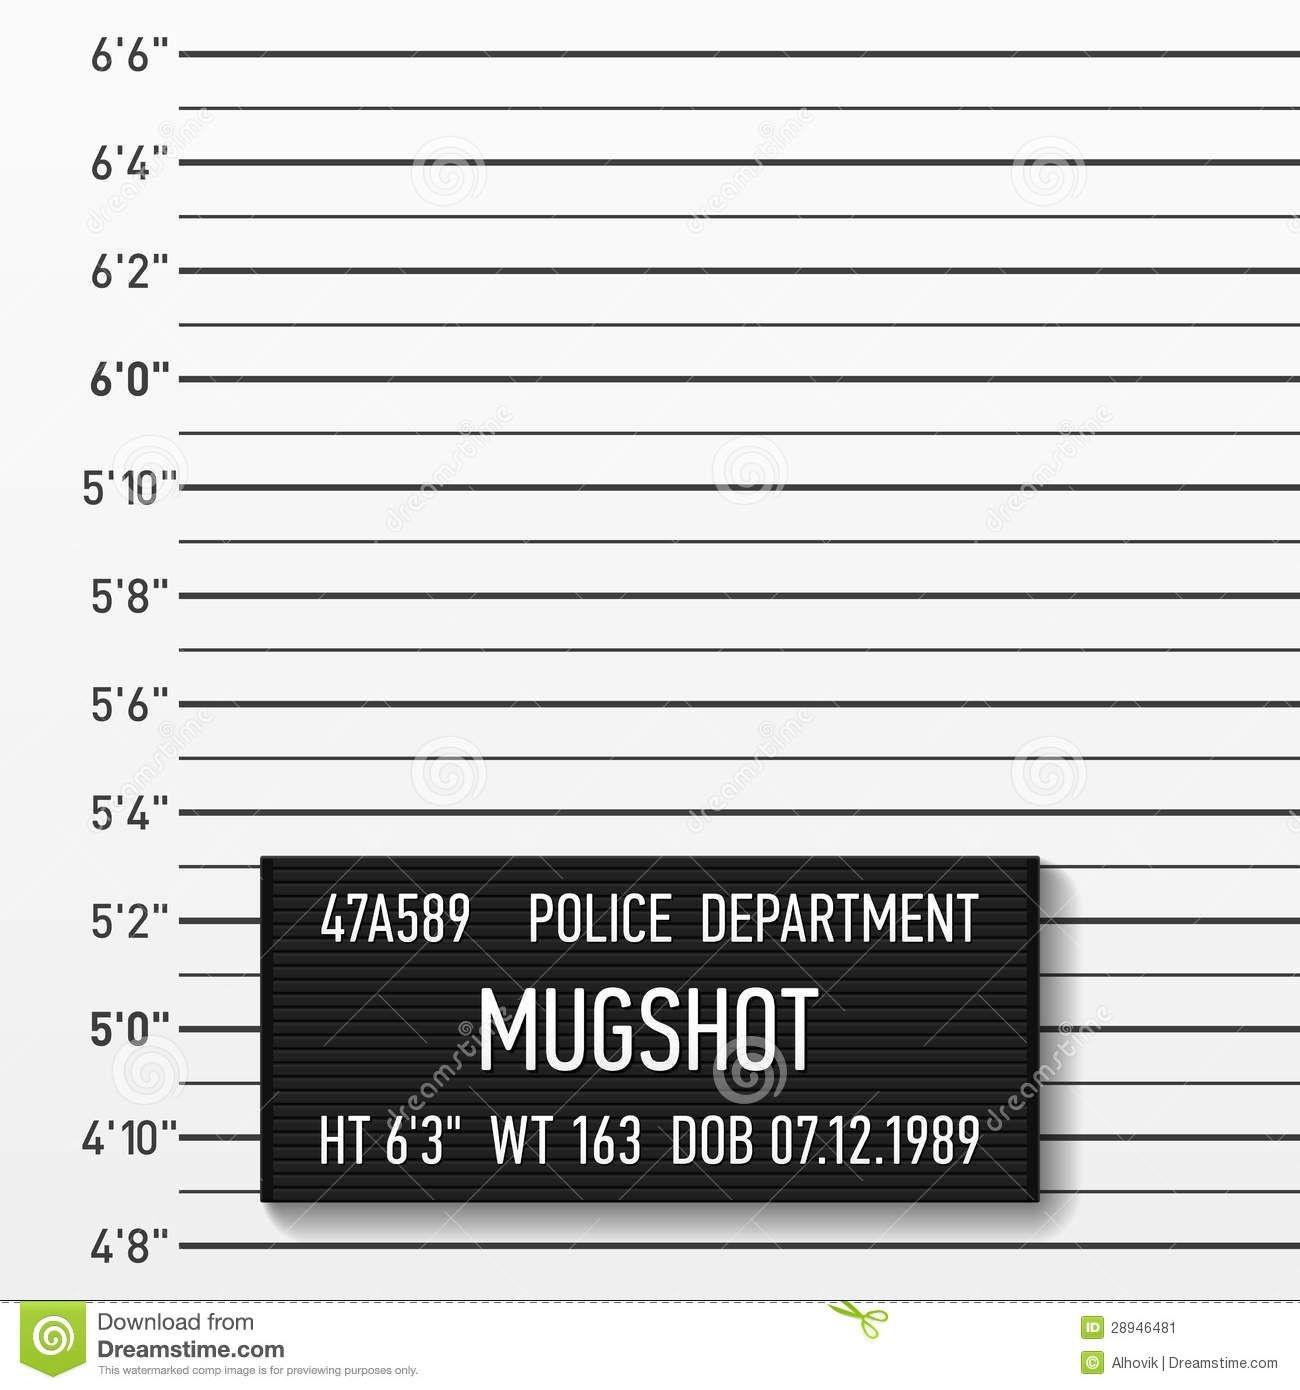 Police Mugshot Stock Image | Pup Backdrops | Mug Shots, Villains - Printable Mugshot Sign Free